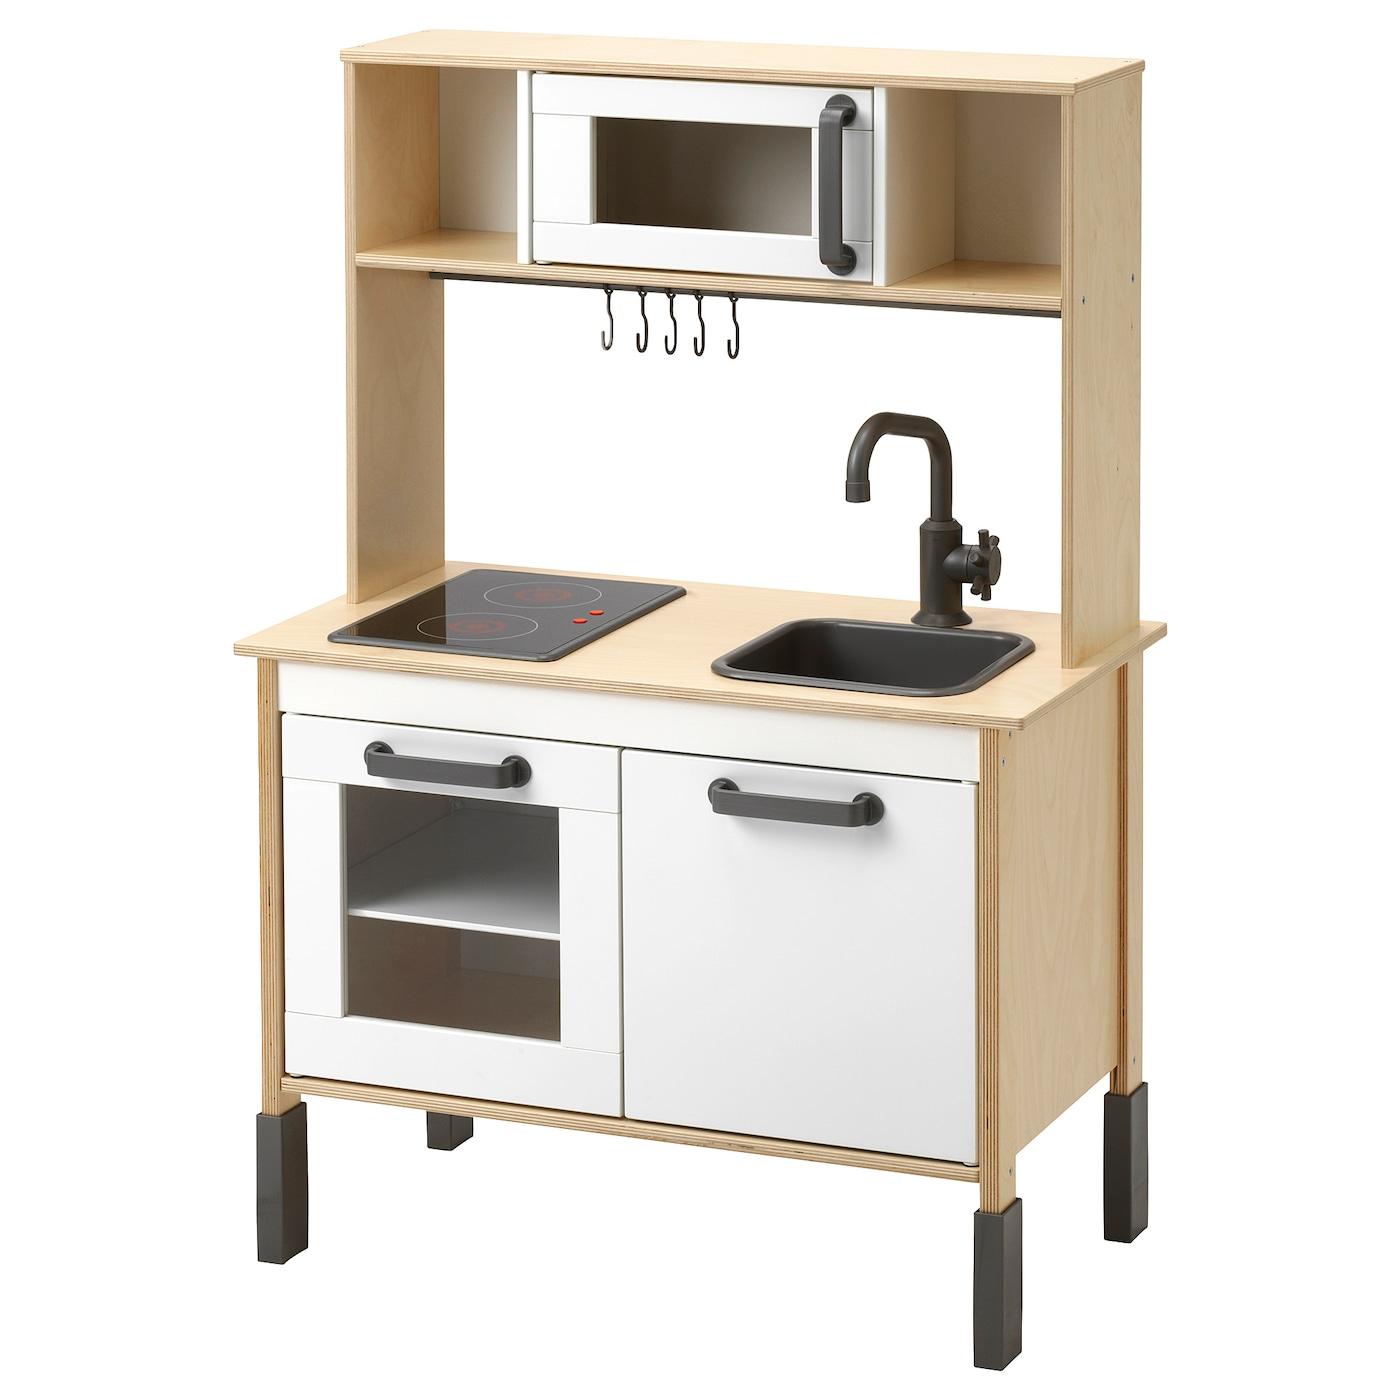 Prix Cuisine Ikea Sans Electromenager duktig mini cuisine - bouleau 72x40x109 cm